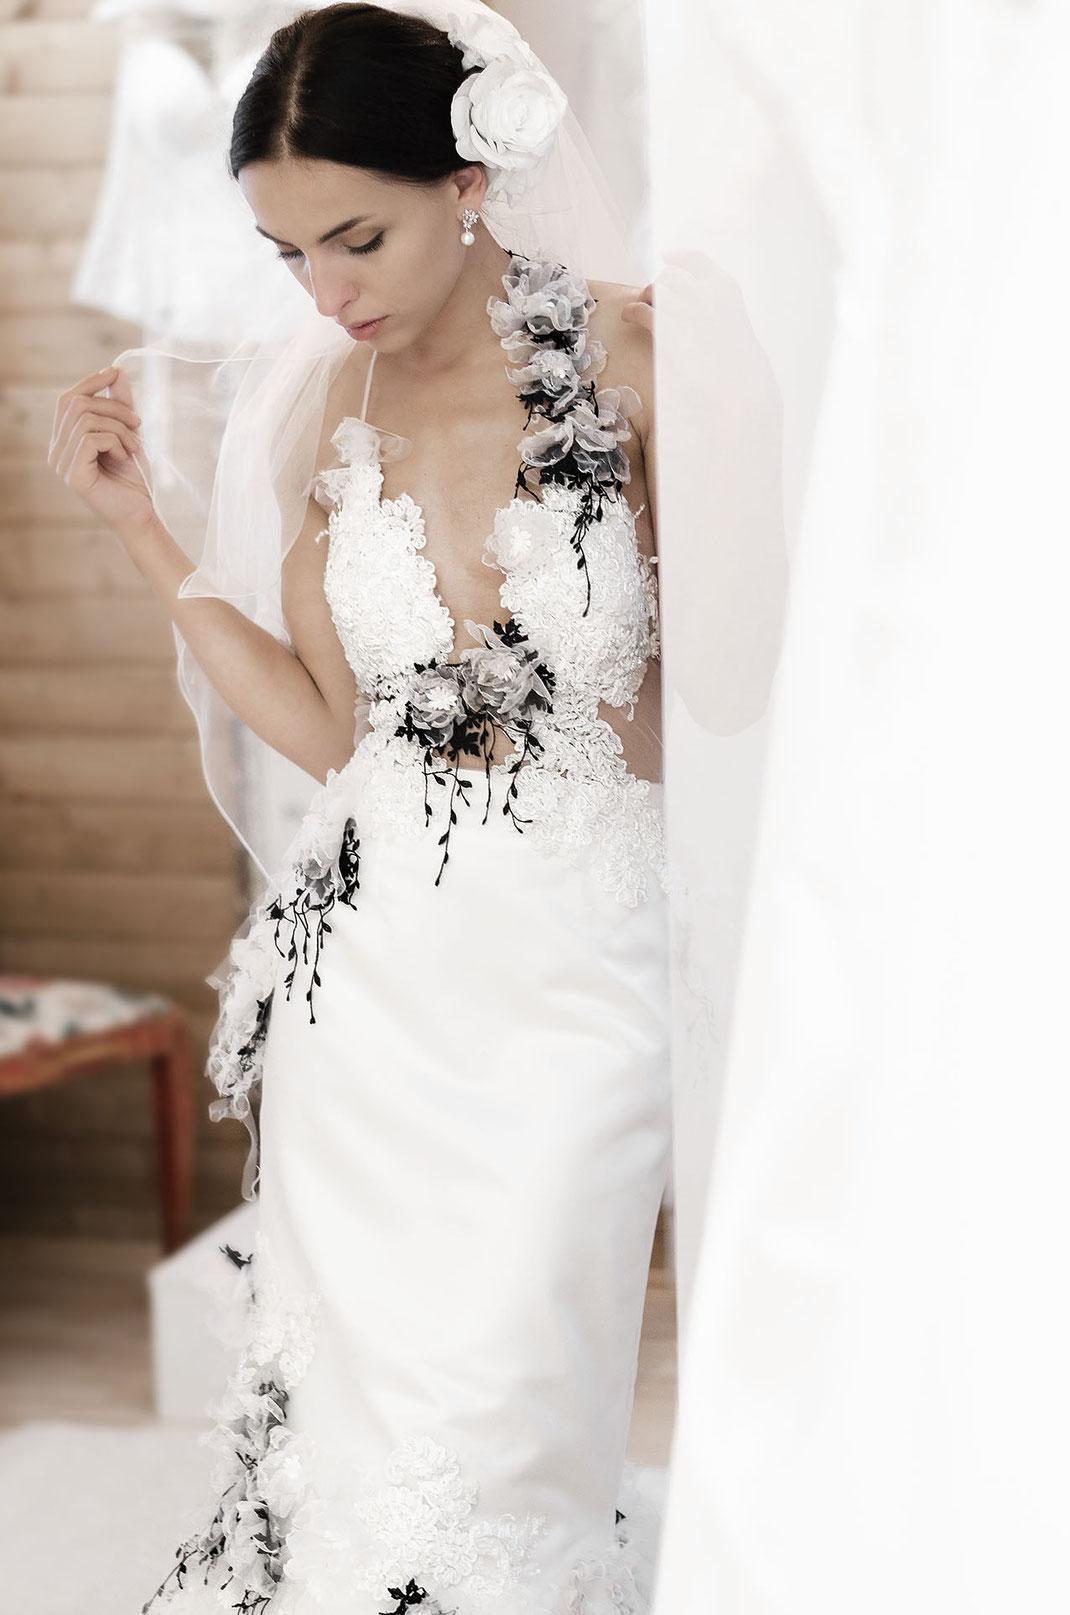 Olena mit einem Brautkleid Whispers of Love by Tali Amoo der Modedesignerin Natalia Boelt